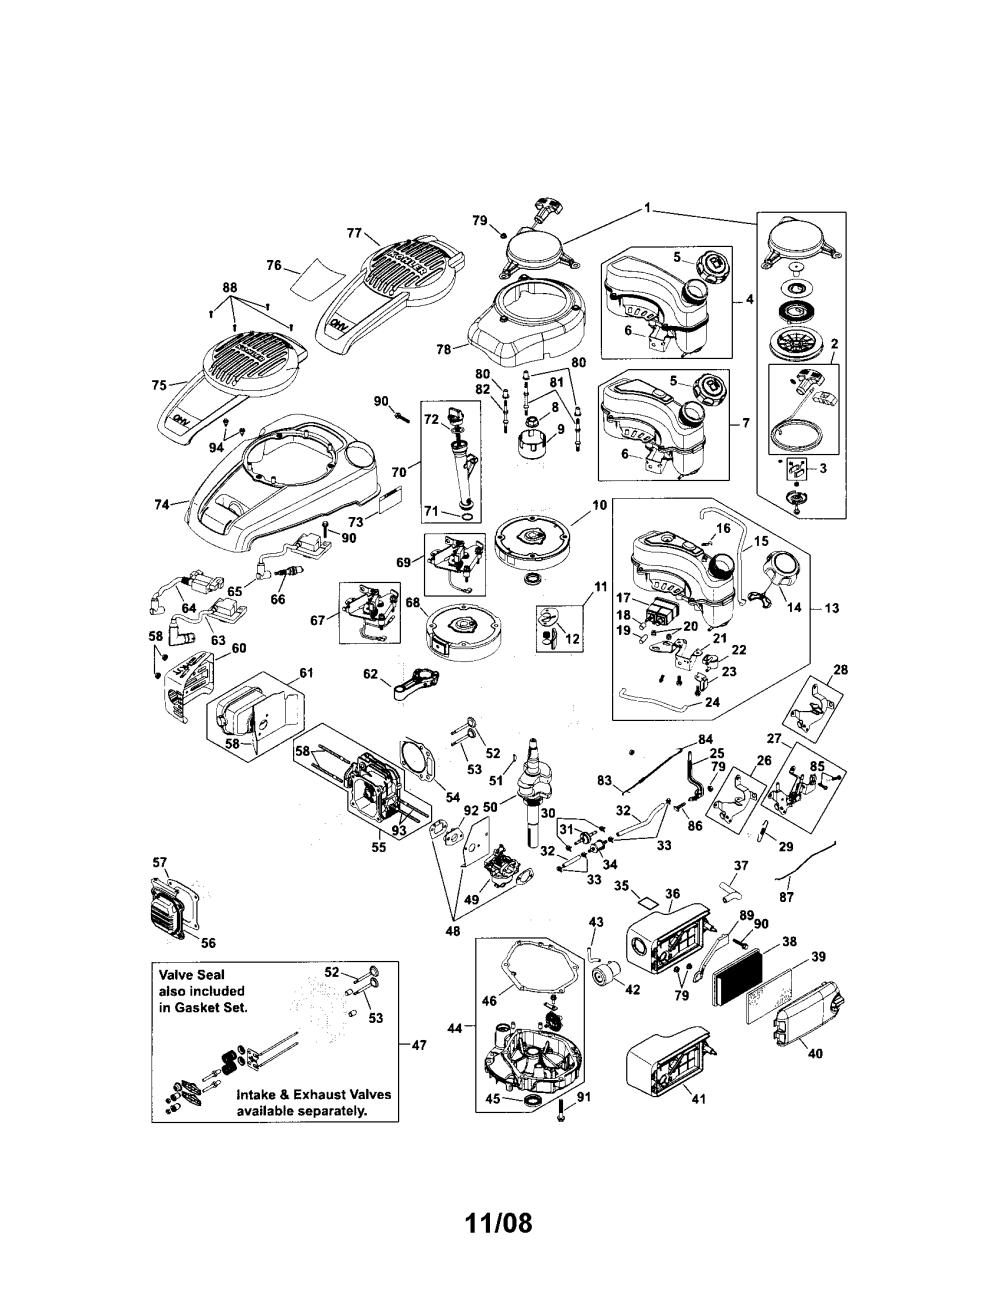 medium resolution of 8 horse kohler engine wiring diagram best wiring librarykohler engine schematics wiring diagram schematic name rh